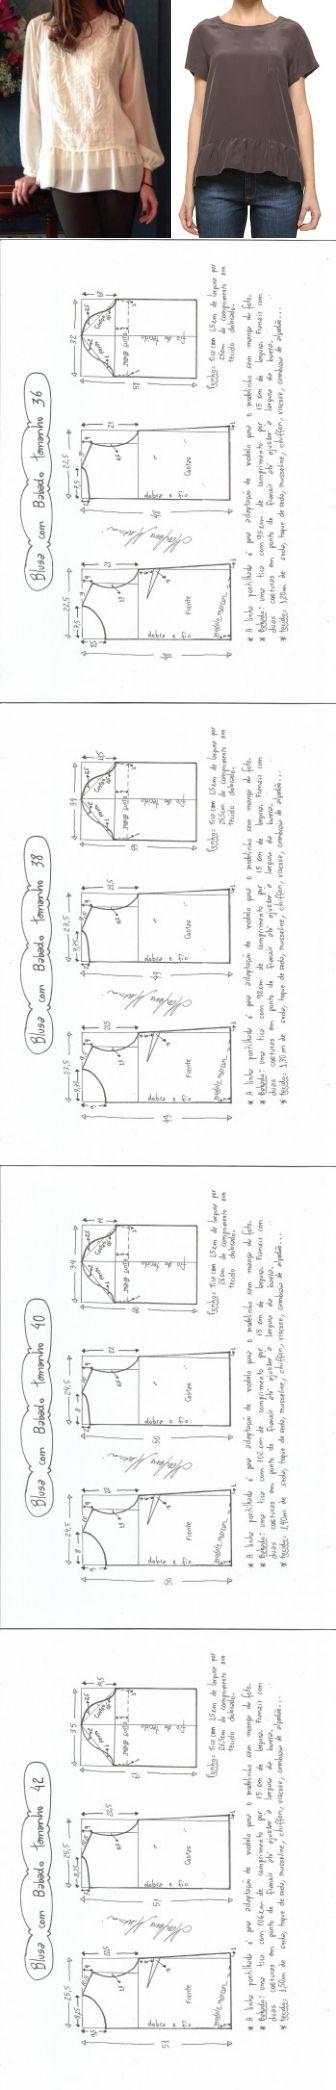 Схемы выкроек блузок фото